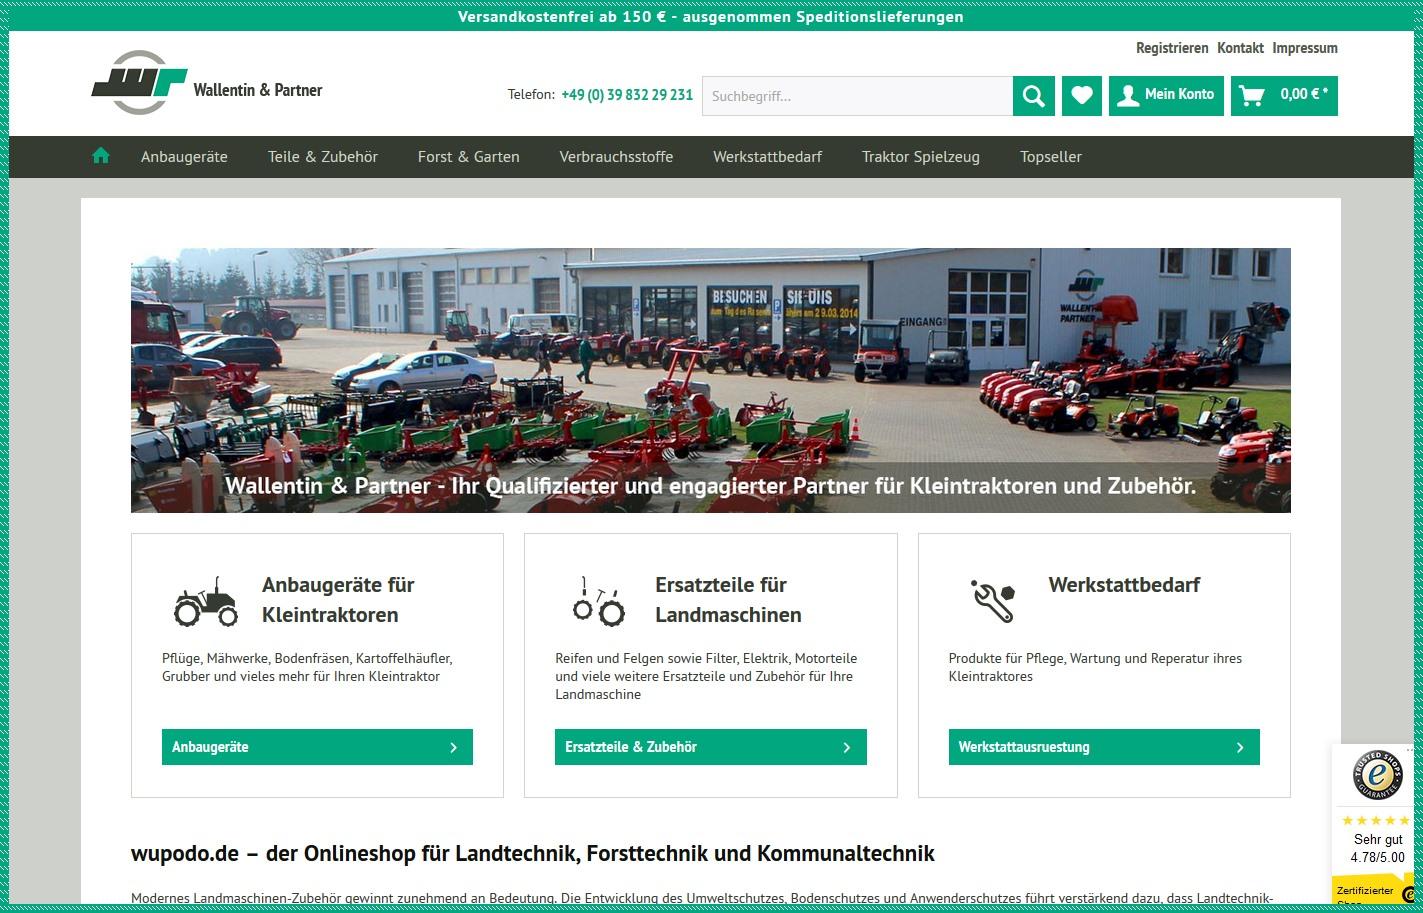 Onlineshop Wupodo Anbaugeraete Kleintraktor Ersatzteile